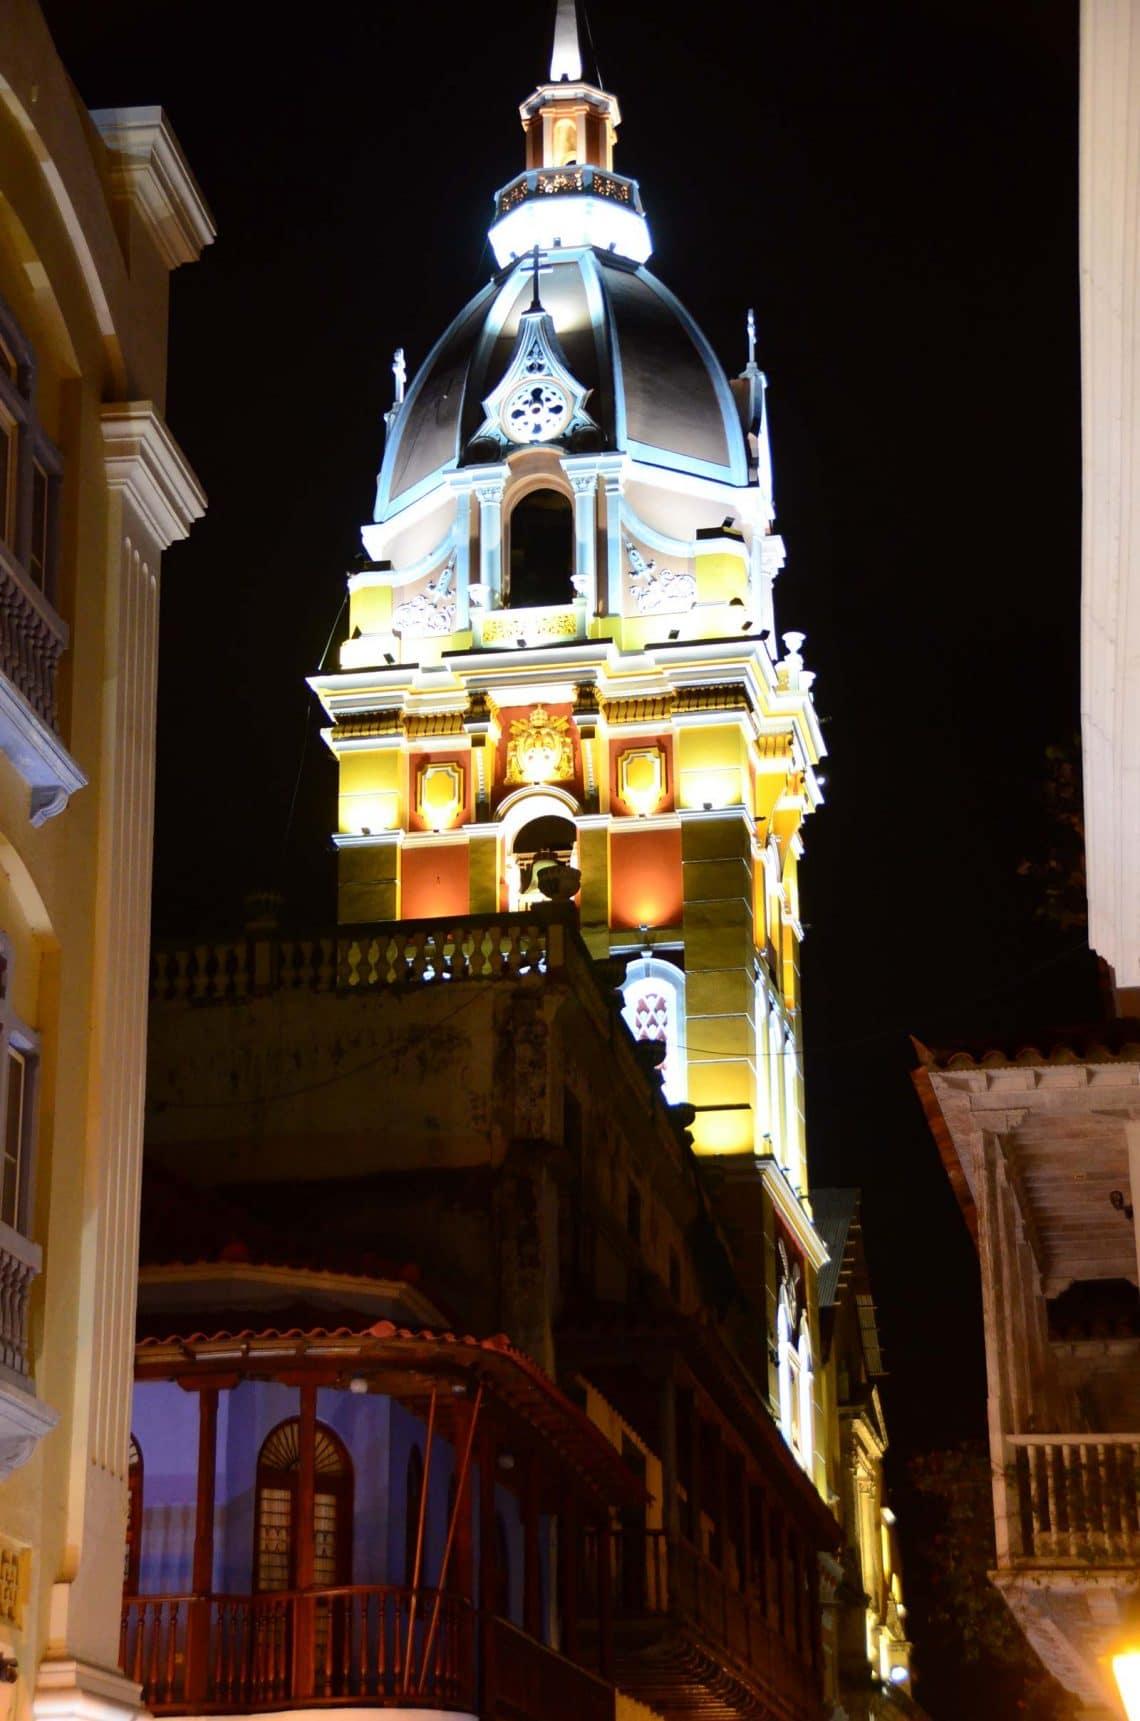 Déguster un coco loco à Cartagena by night, Colombie